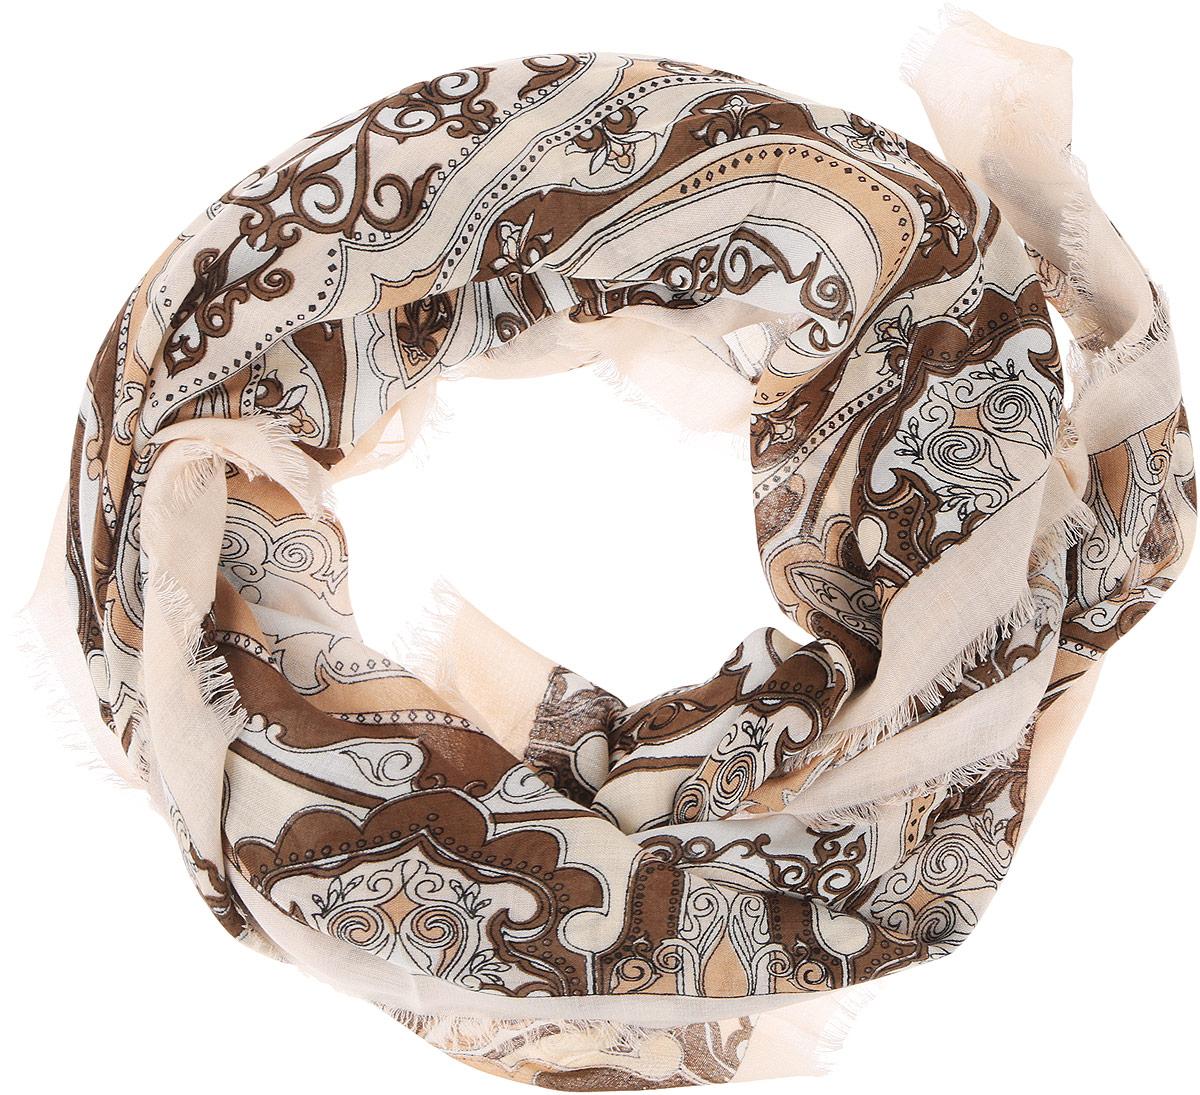 Платок женский Fabretti, цвет: коричневый, бежевый. DS2015-004-15. Размер 111 см х 111 смDS2015-004-15Стильный женский платок Fabretti станет великолепным завершением любого наряда. Платок изготовлен из высококачественного модала с добавлением вискозы, оформлен сложным растительным орнаментом и украшен тонкой бахромой по краям. Классическая квадратная форма позволяет носить платок на шее, украшать им прическу или декорировать сумочку. Мягкий и шелковистый платок поможет вам создать изысканный женственный образ, а также согреет в непогоду. Такой платок превосходно дополнит любой наряд и подчеркнет ваш неповторимый вкус и элегантность.